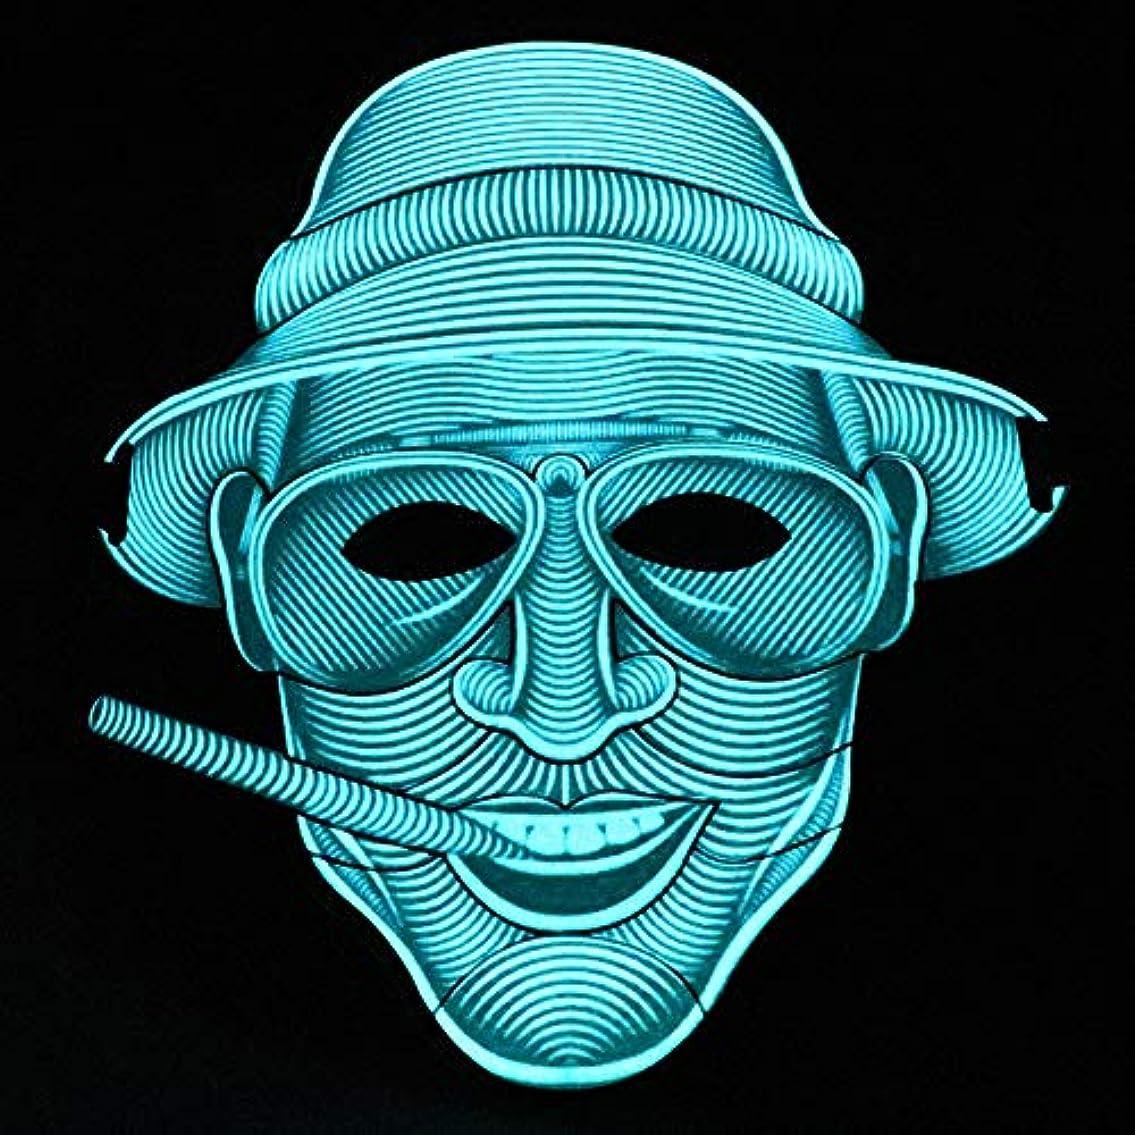 雪だるま僕の東ティモール照らされたマスクLED創造的な冷光音響制御マスクハロウィンバーフェスティバルダンスマスク (Color : #13)